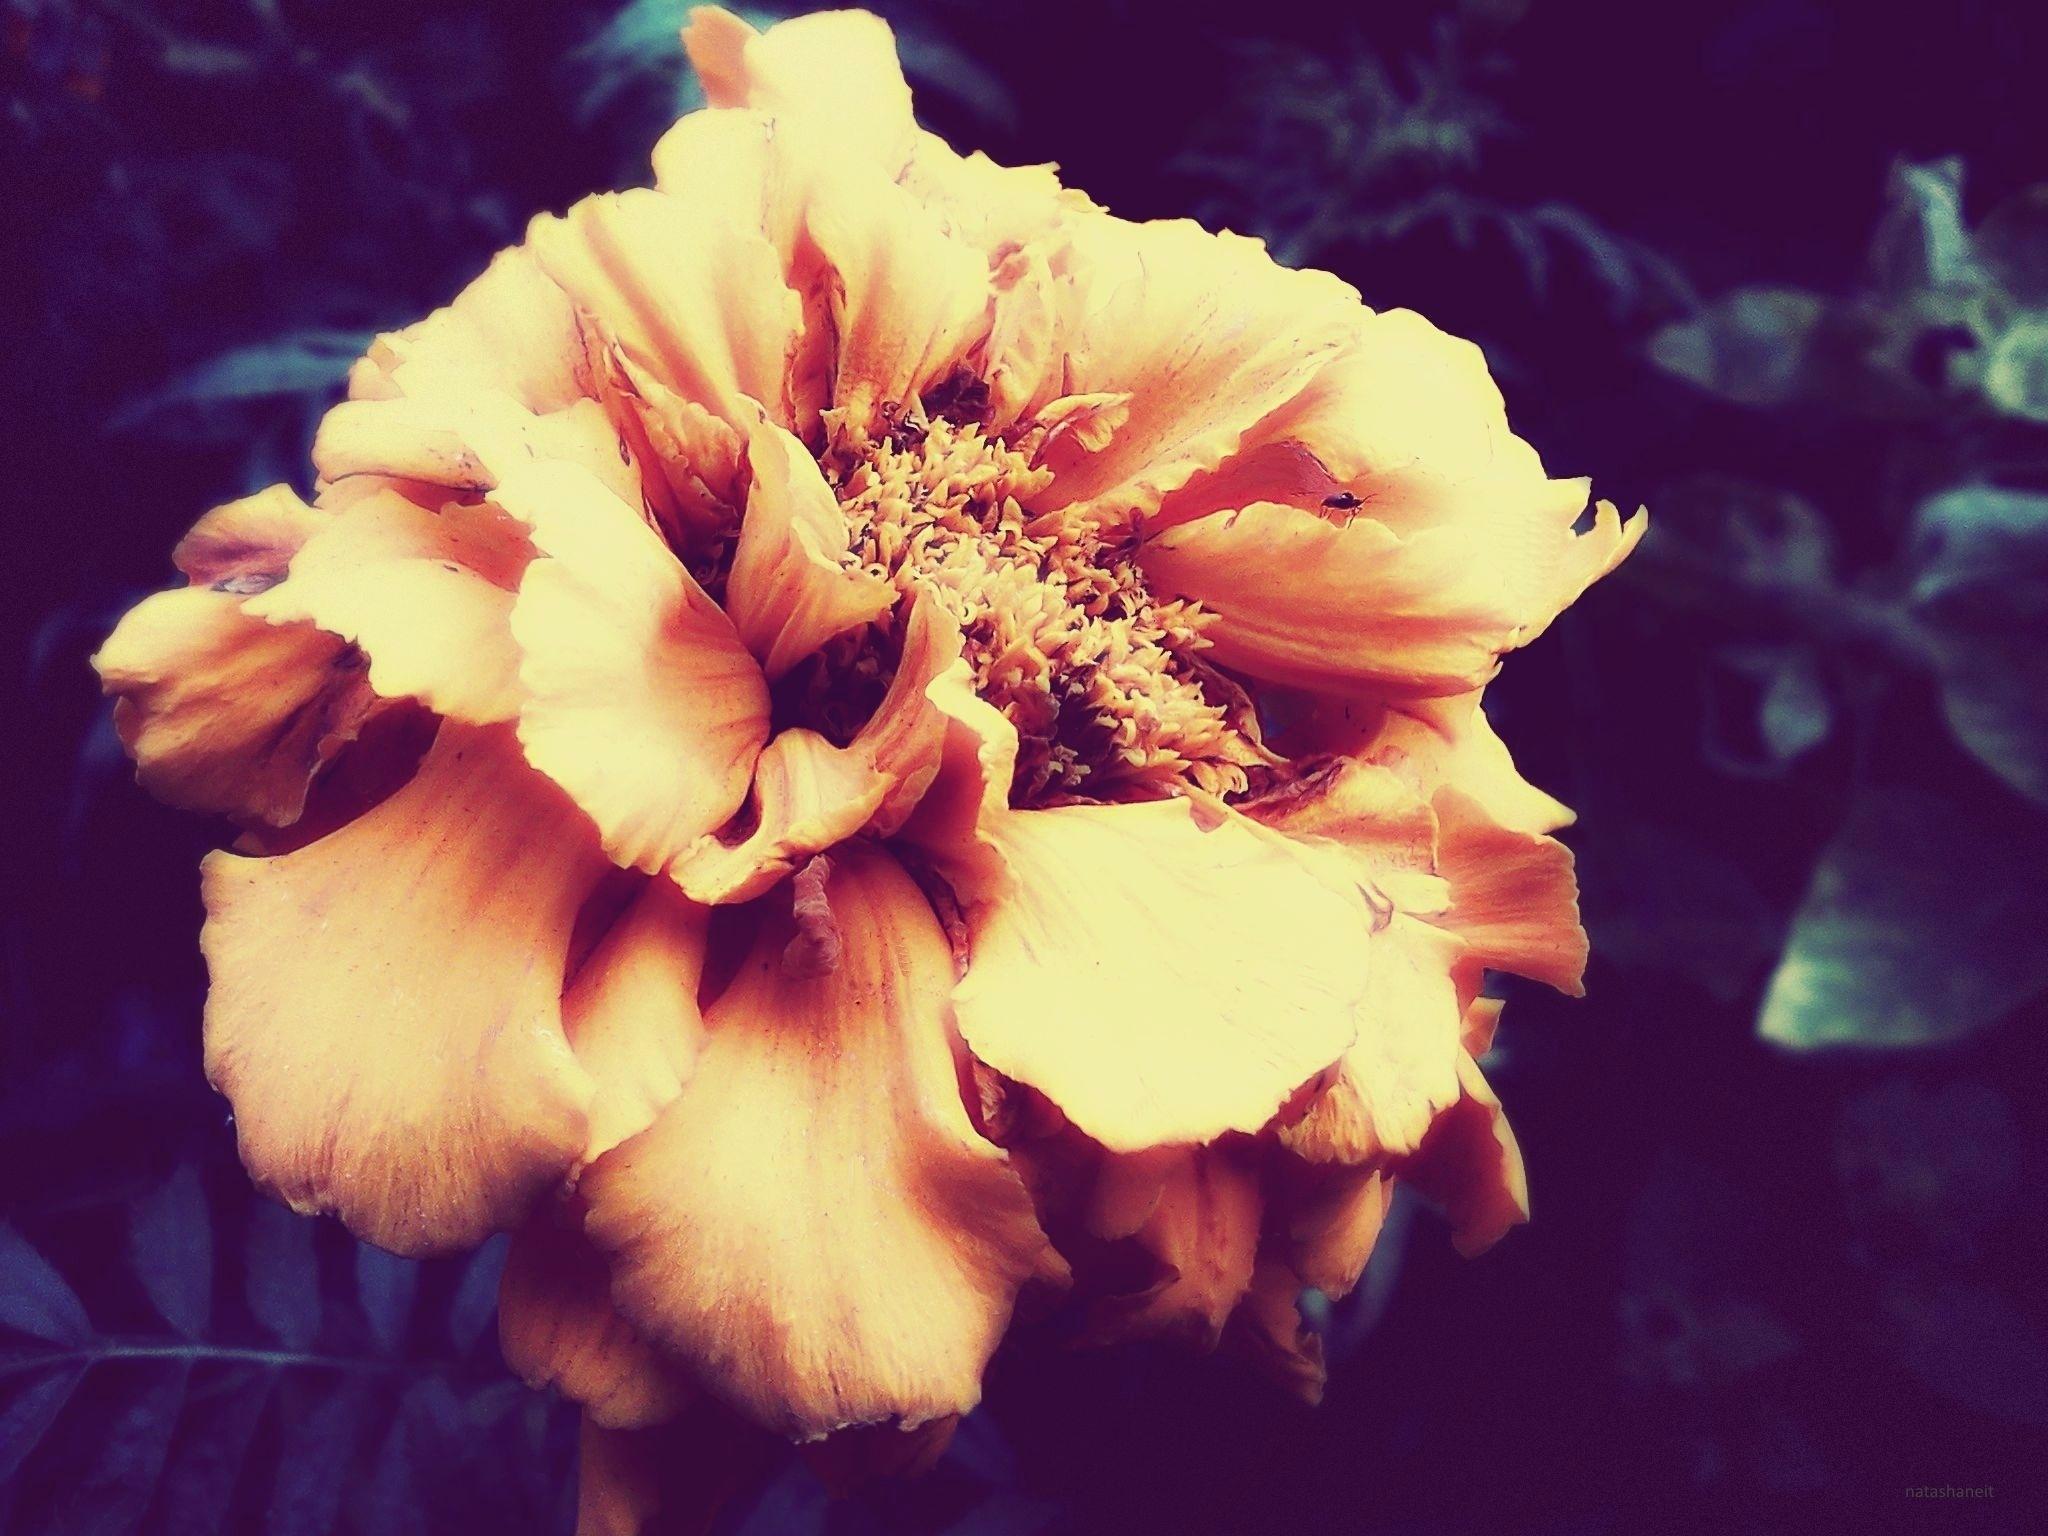 Flower in October by natashaneit